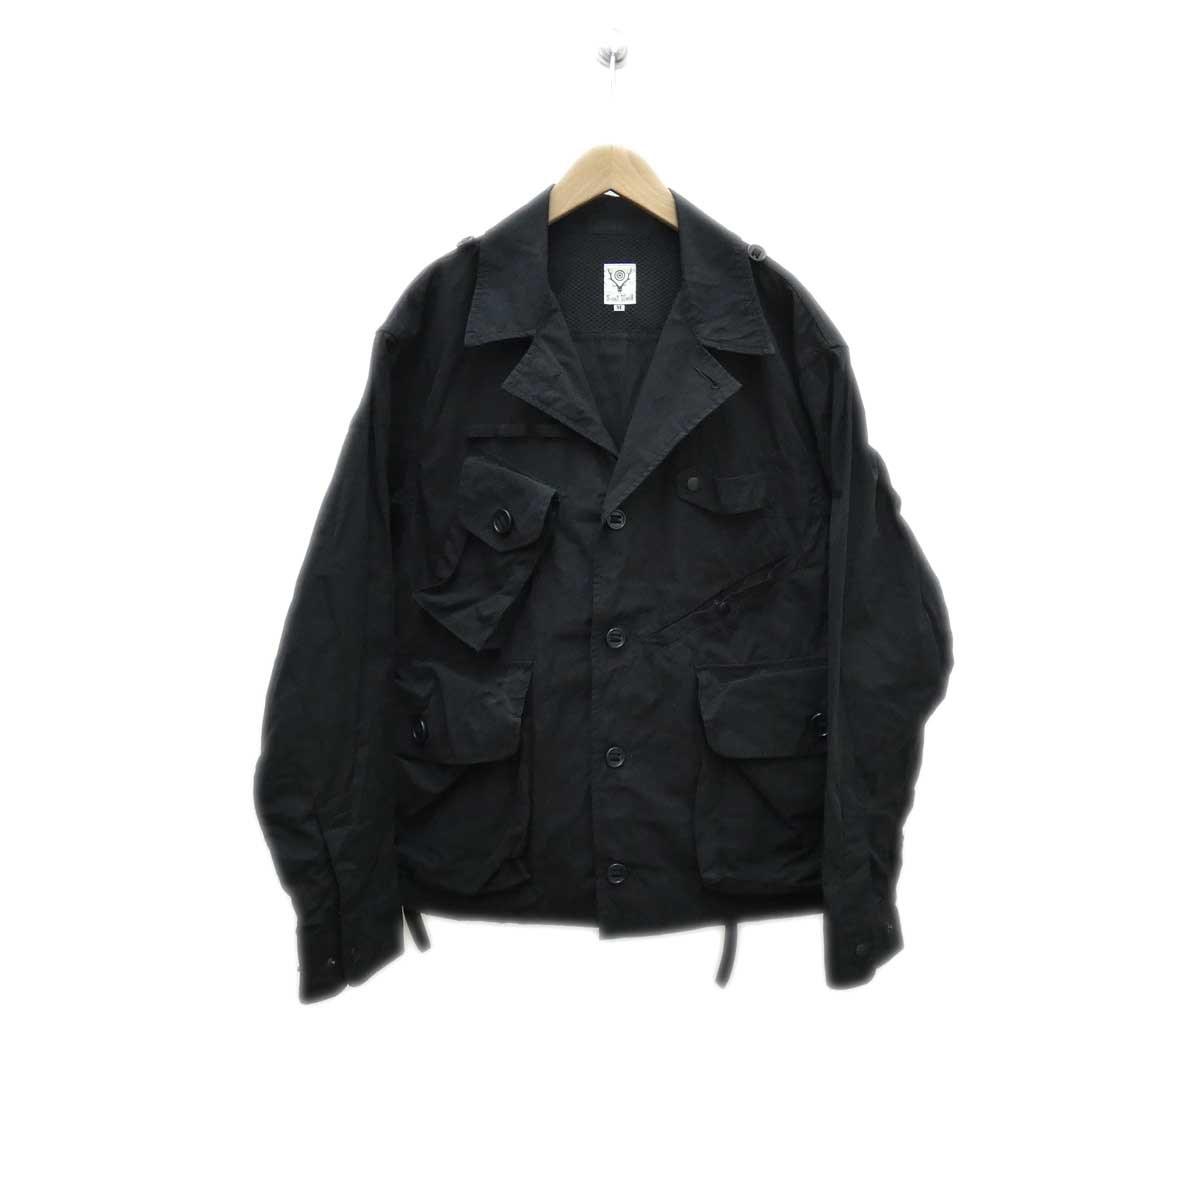 【中古】S2W8 TENKARA SHIRT ブラック サイズ:M 【290420】(エスツーダブルエイト)